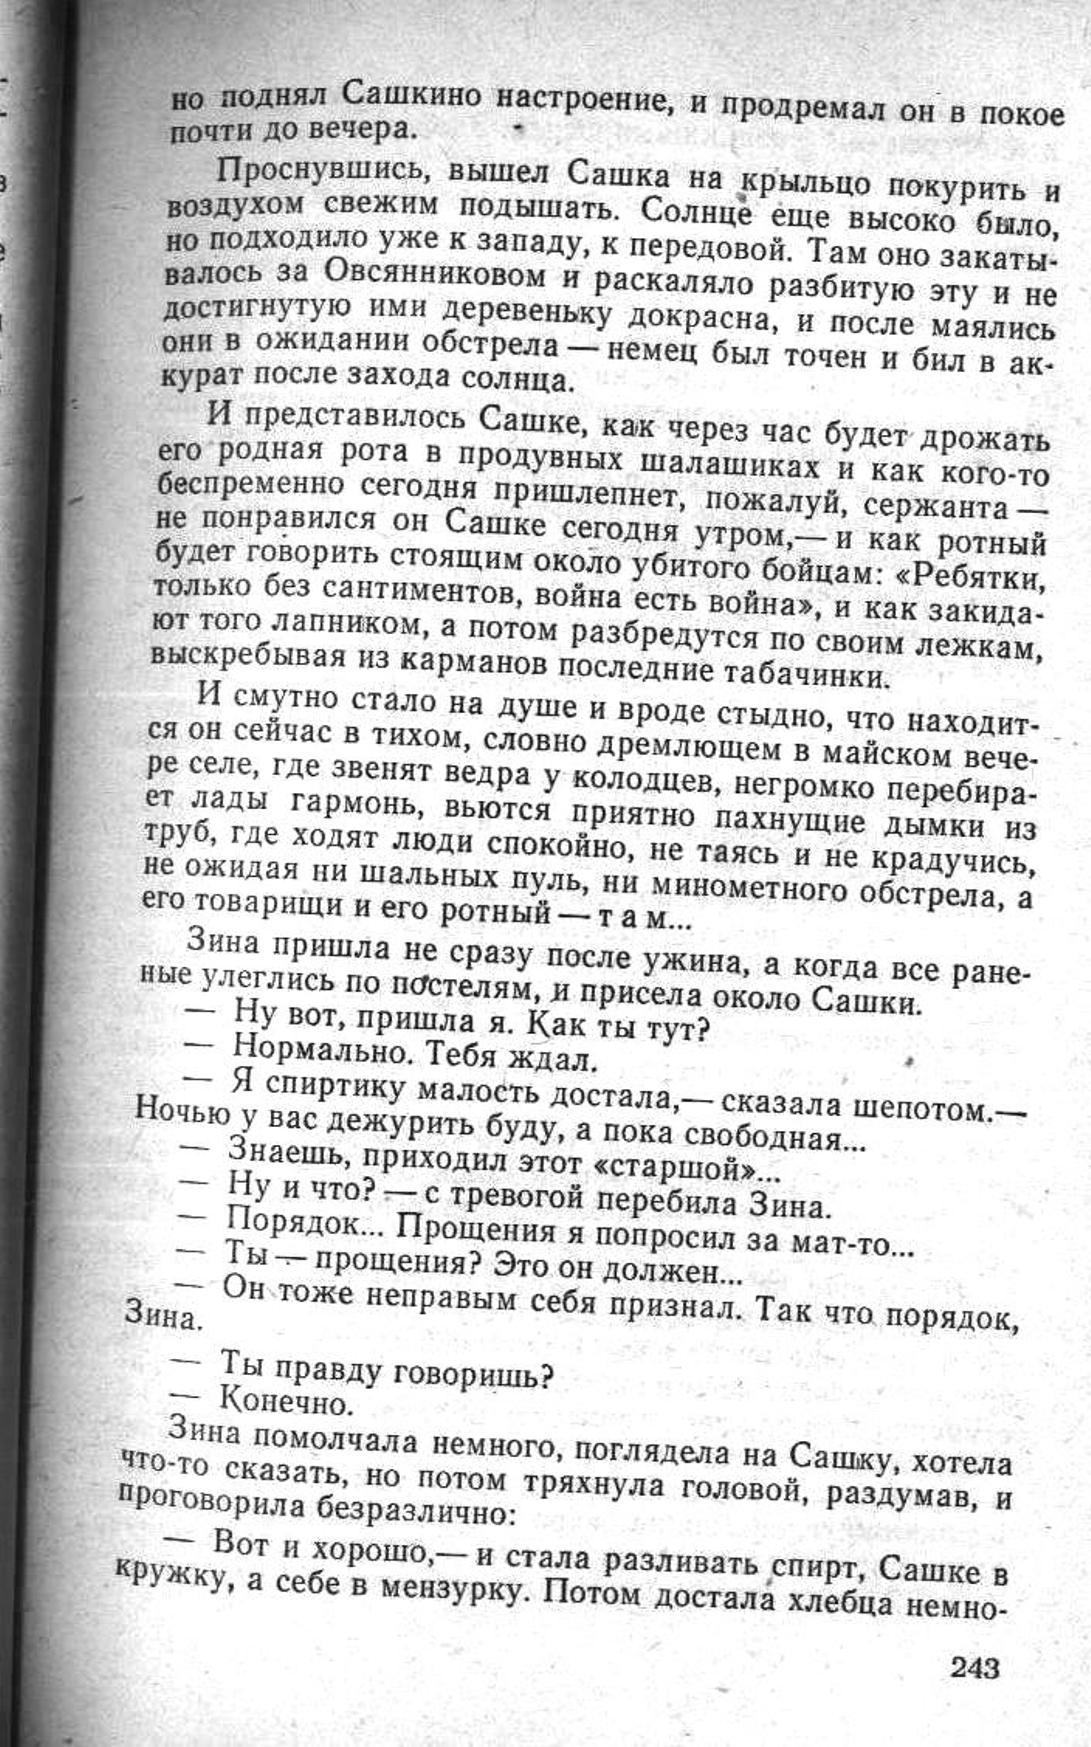 Сашка. Повесть. Вячеслав Кондратьев. 009. 006